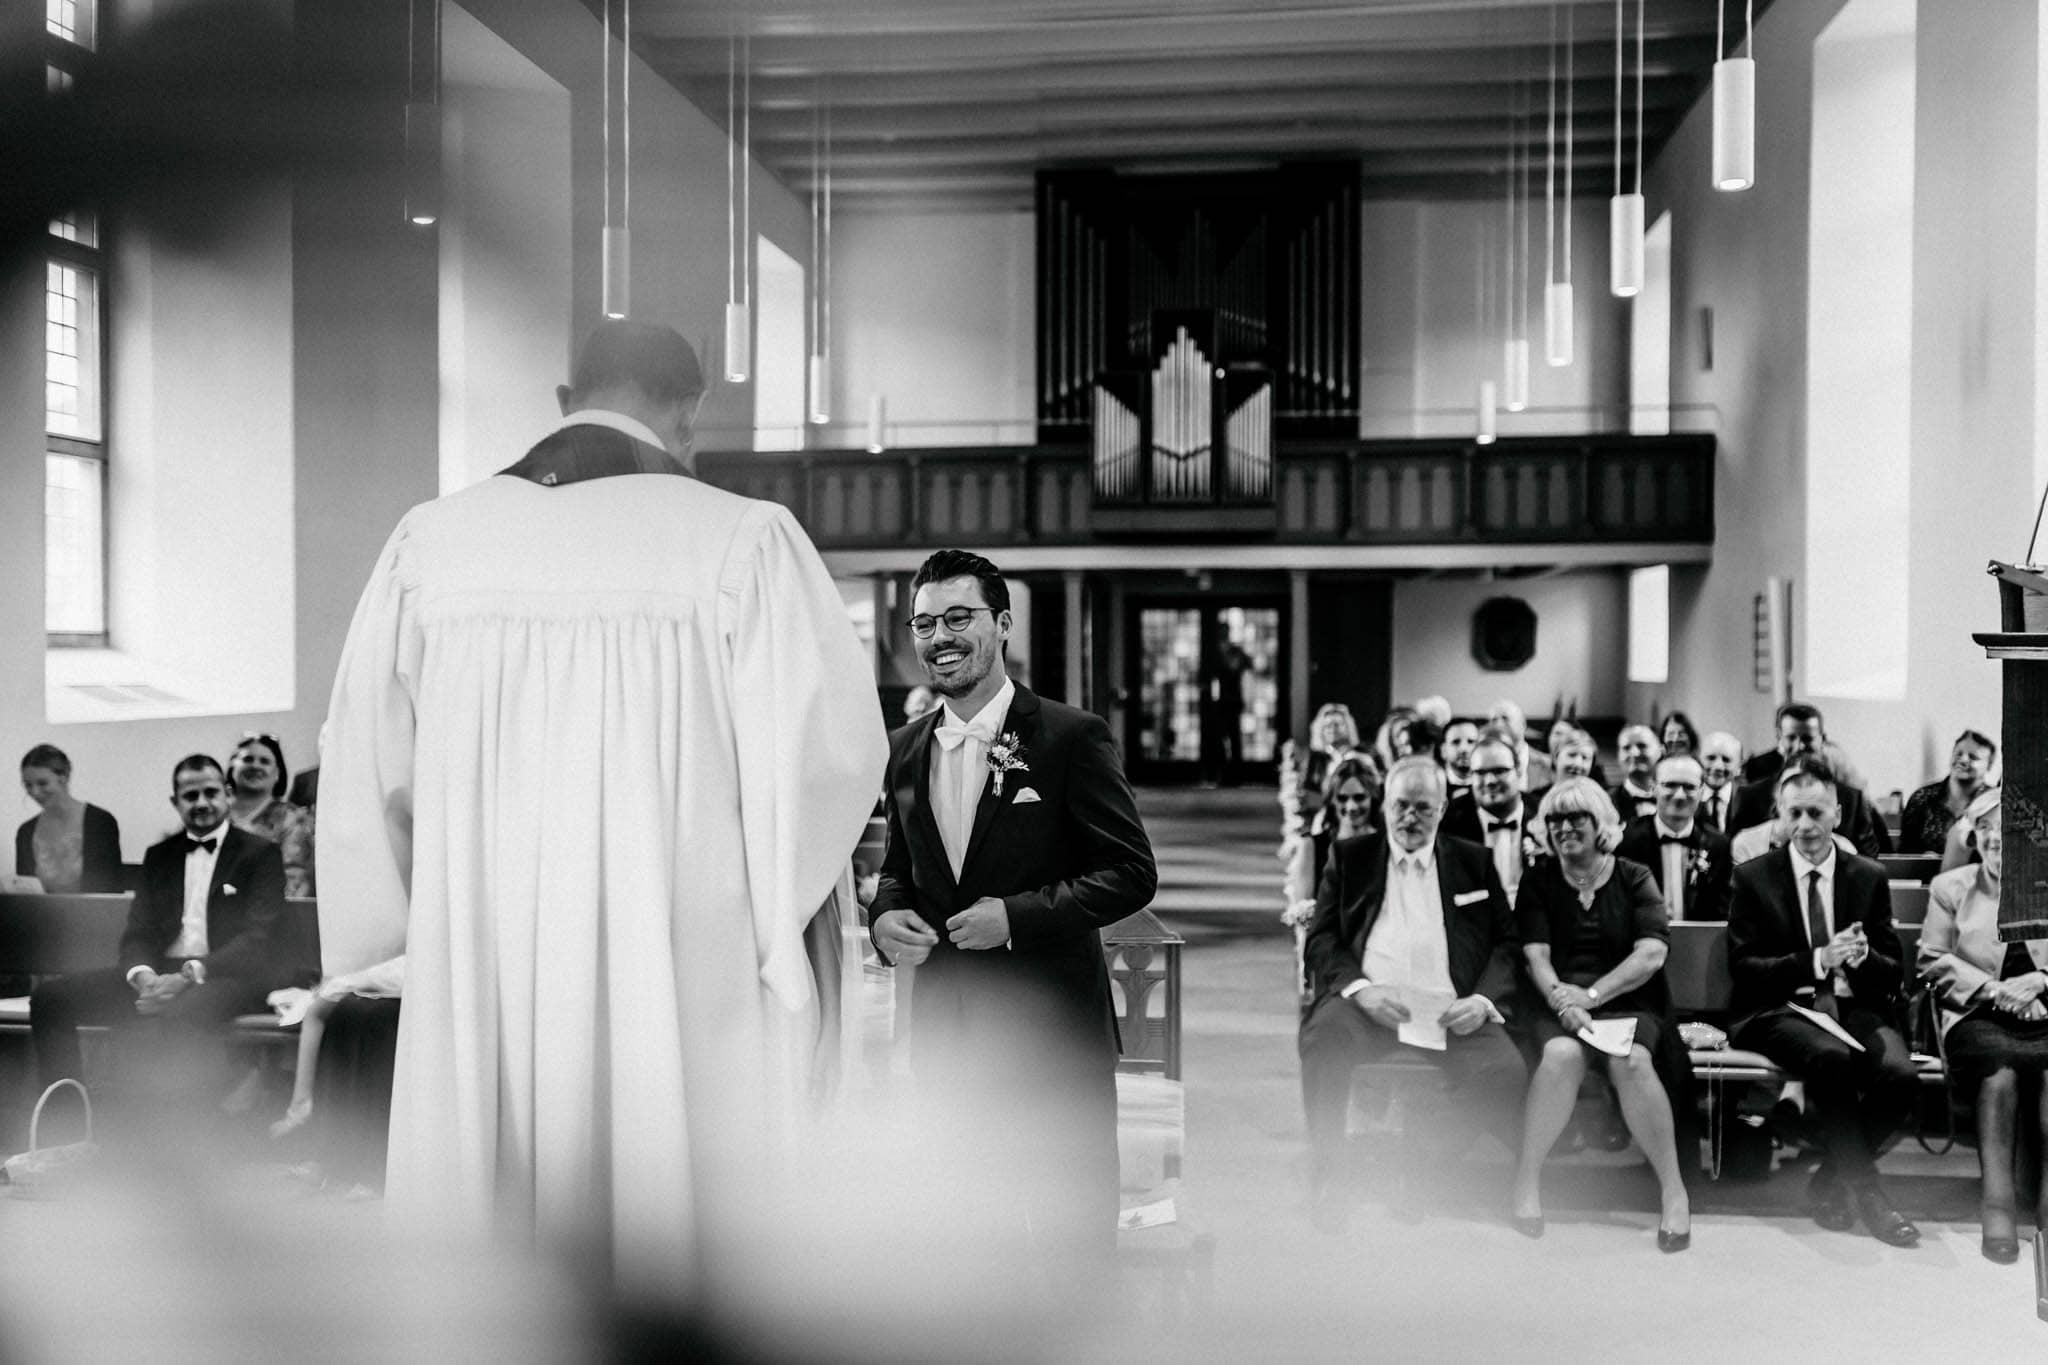 Hochzeitsfieber by Photo-Schomburg, Hochzeitsfotograf, Hamburg, Bremen, Hochzeitstag, Hochzeitspaar, Braut, Bräutigam, Bremen-Kränholm,Knoops Park-99